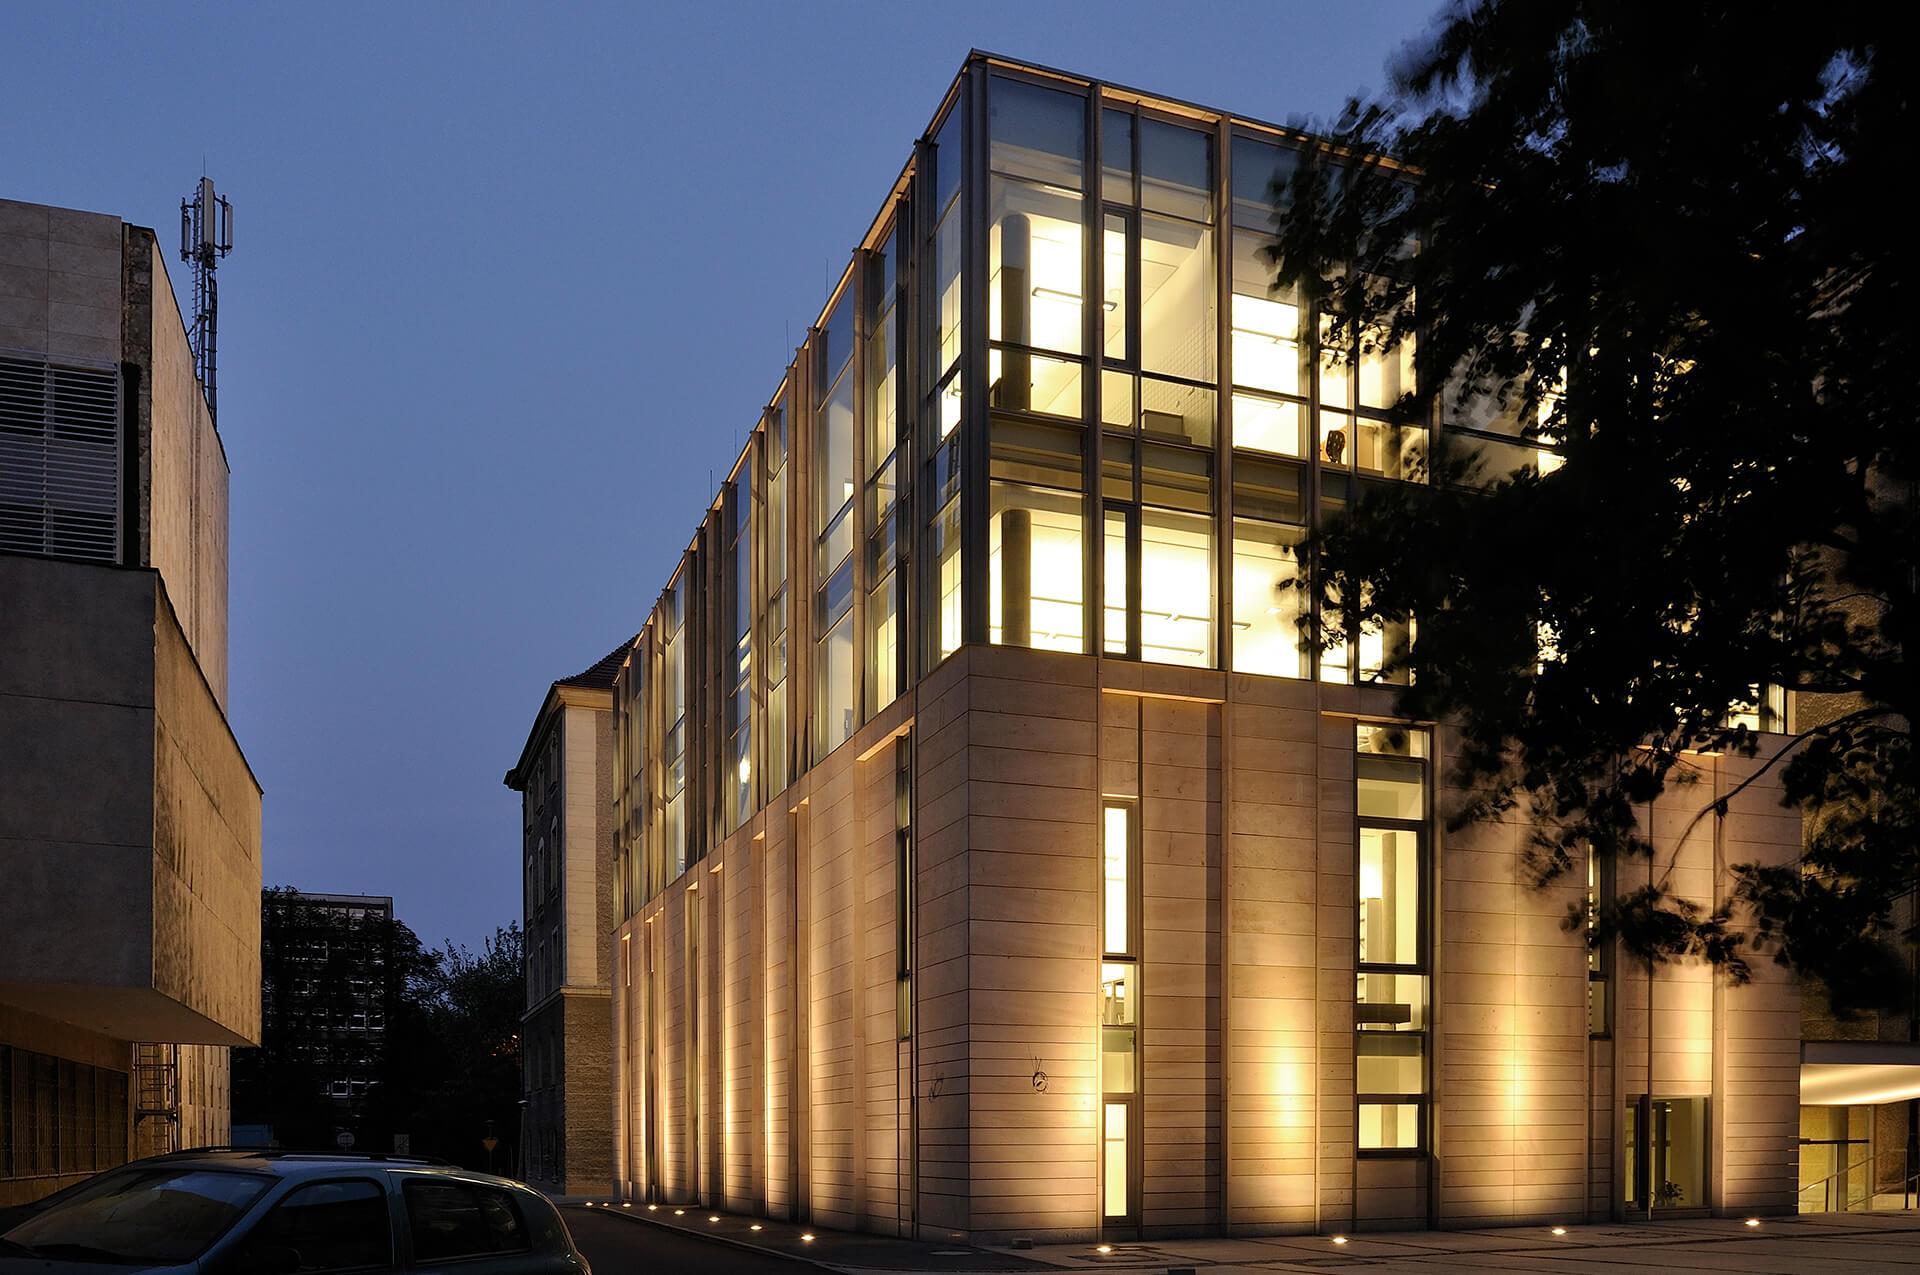 Biblioteka UAM - Projekt biblioteki Poznań